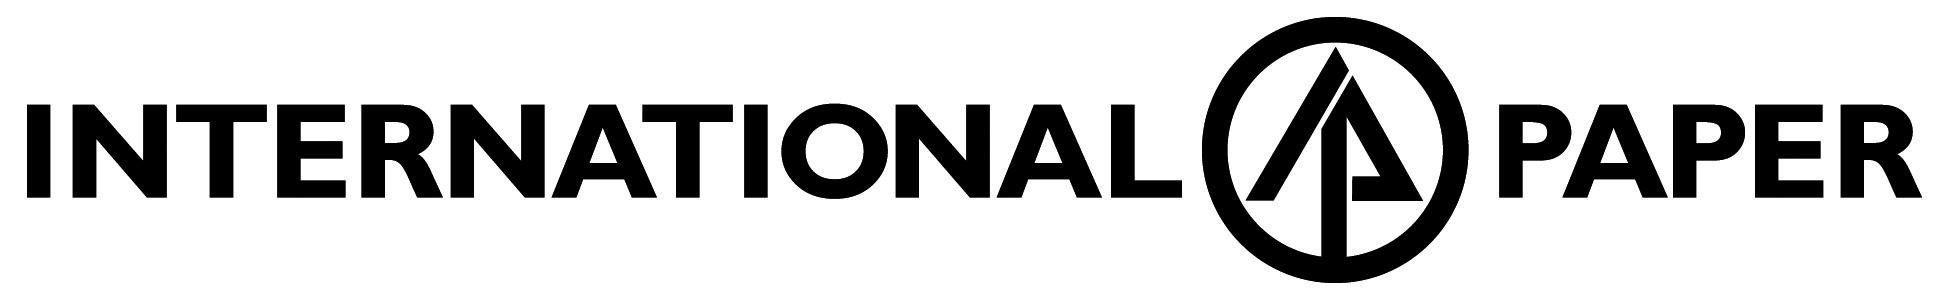 International-Paper-Logo-(Black-on-White)-(2).jpg